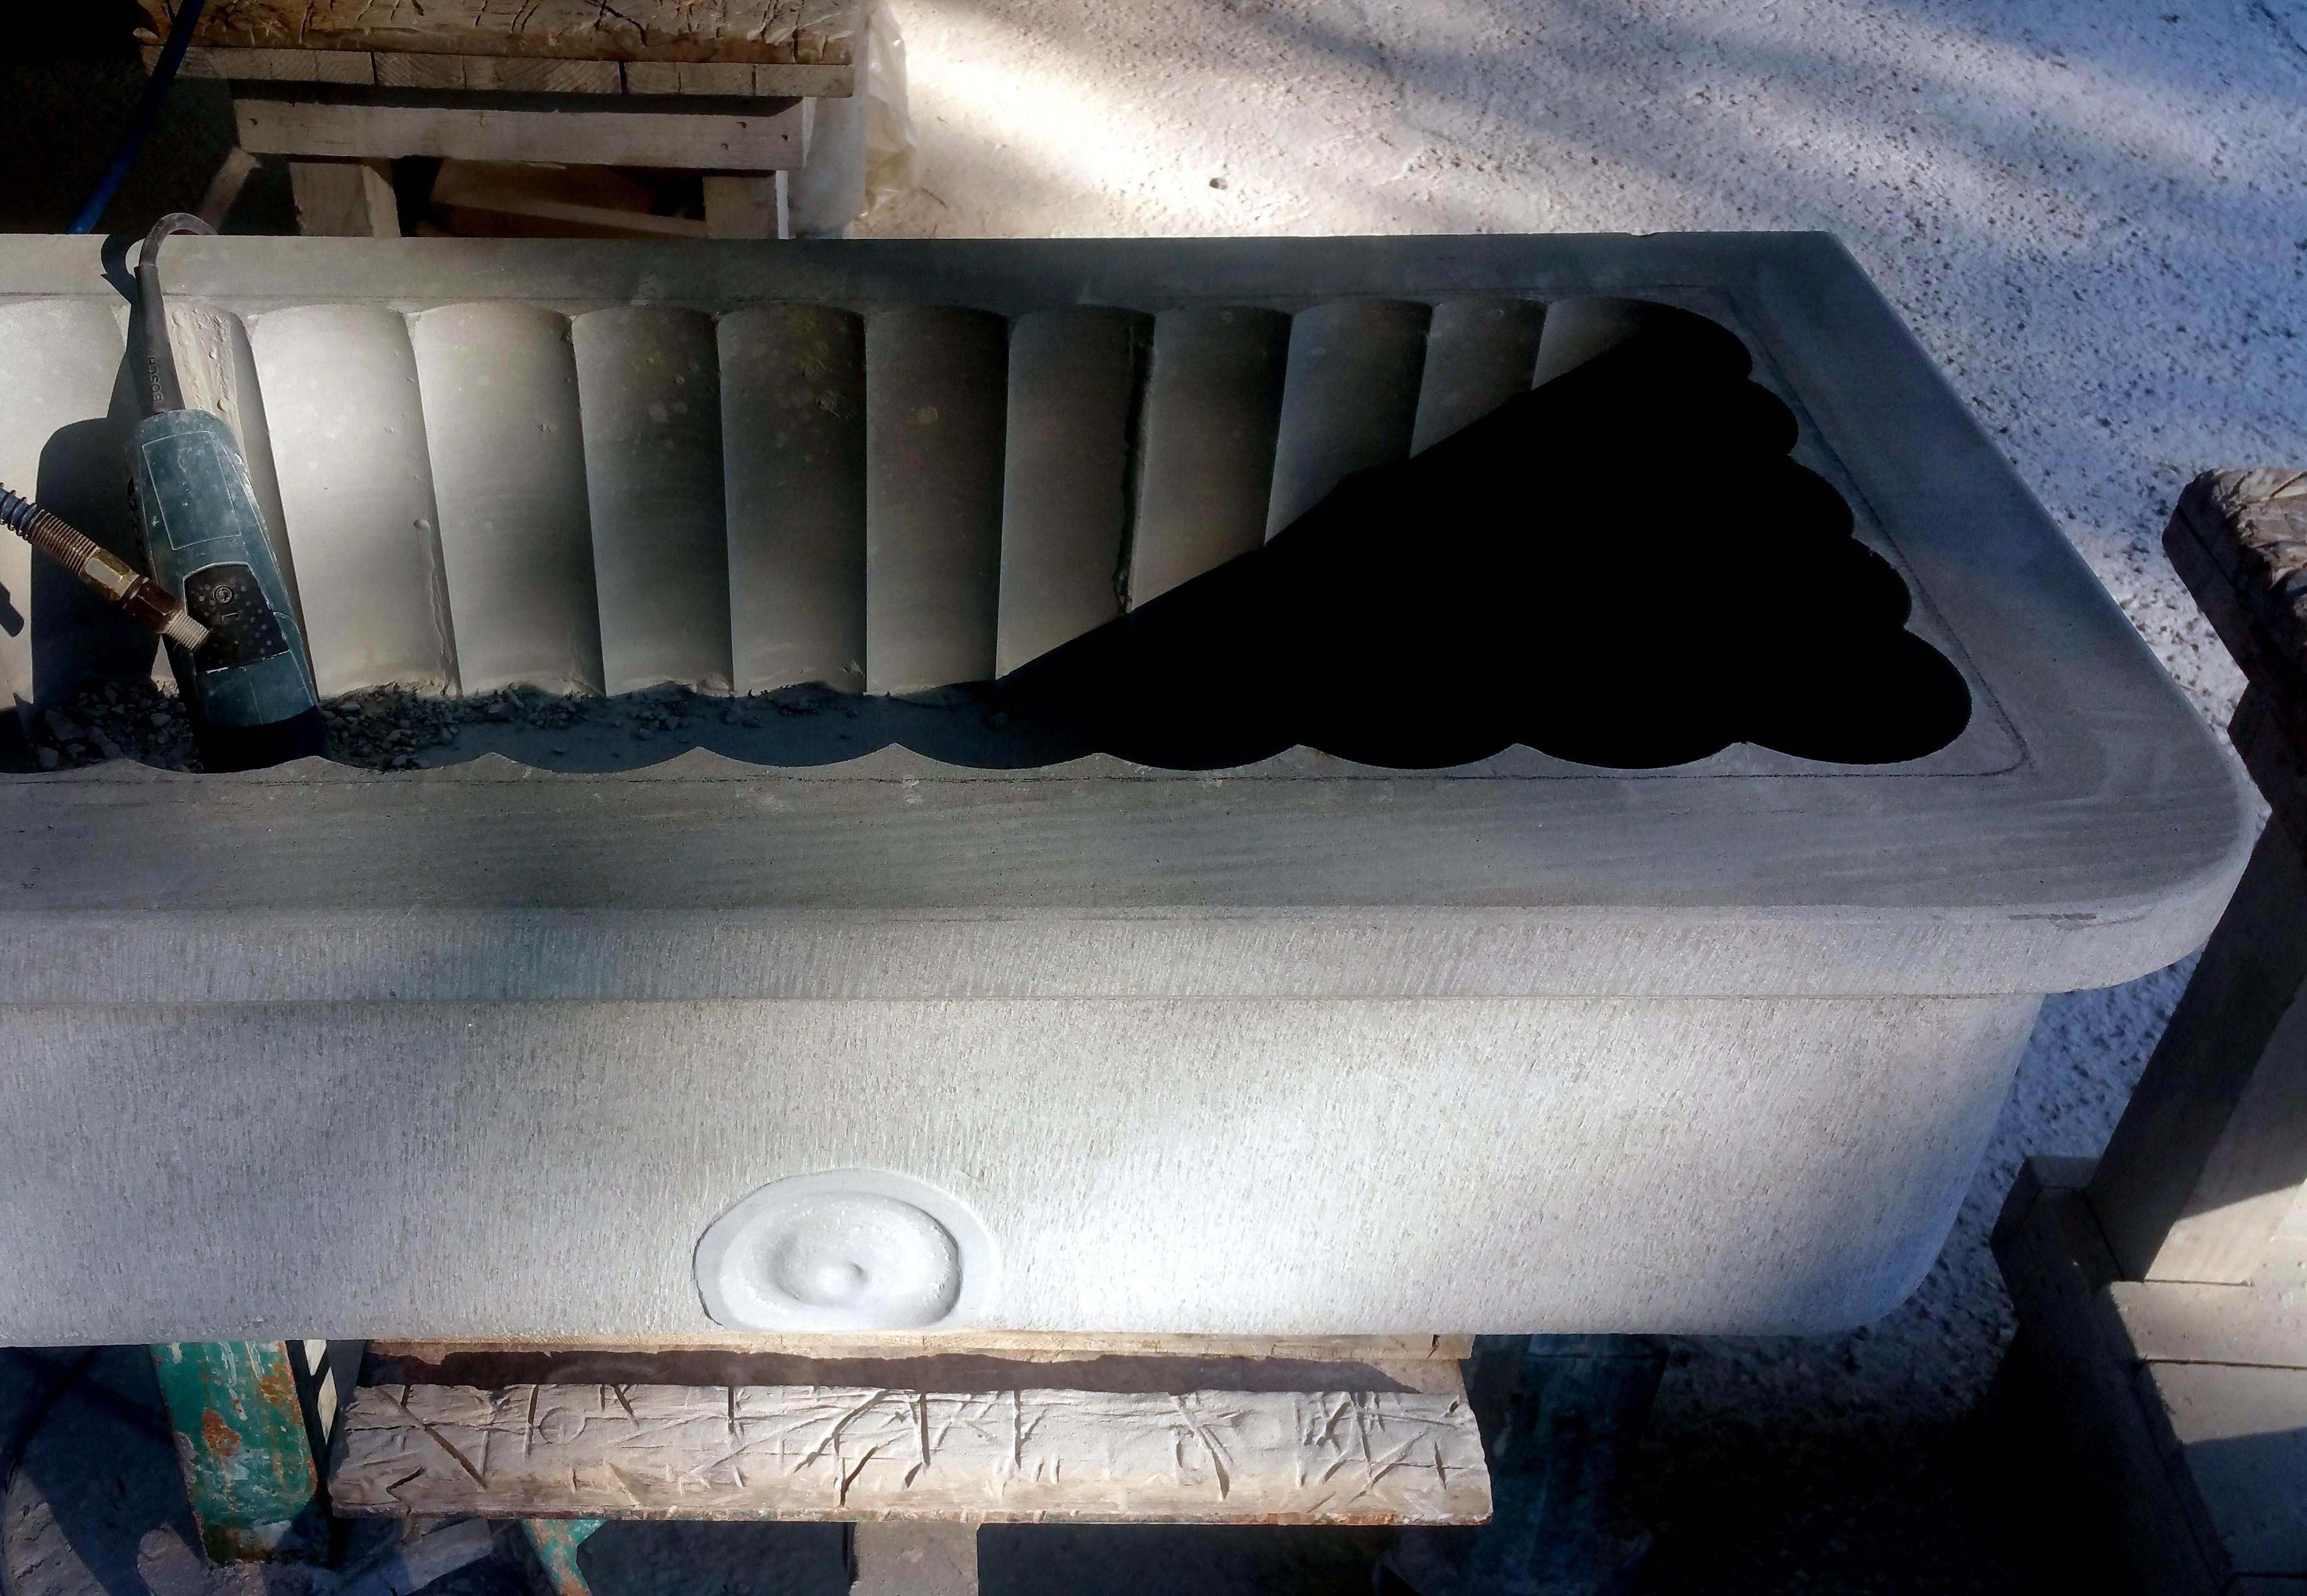 Vasca Giardino Pietra : Riproduzione di grande vasca da giardino pietra arenaria grigia